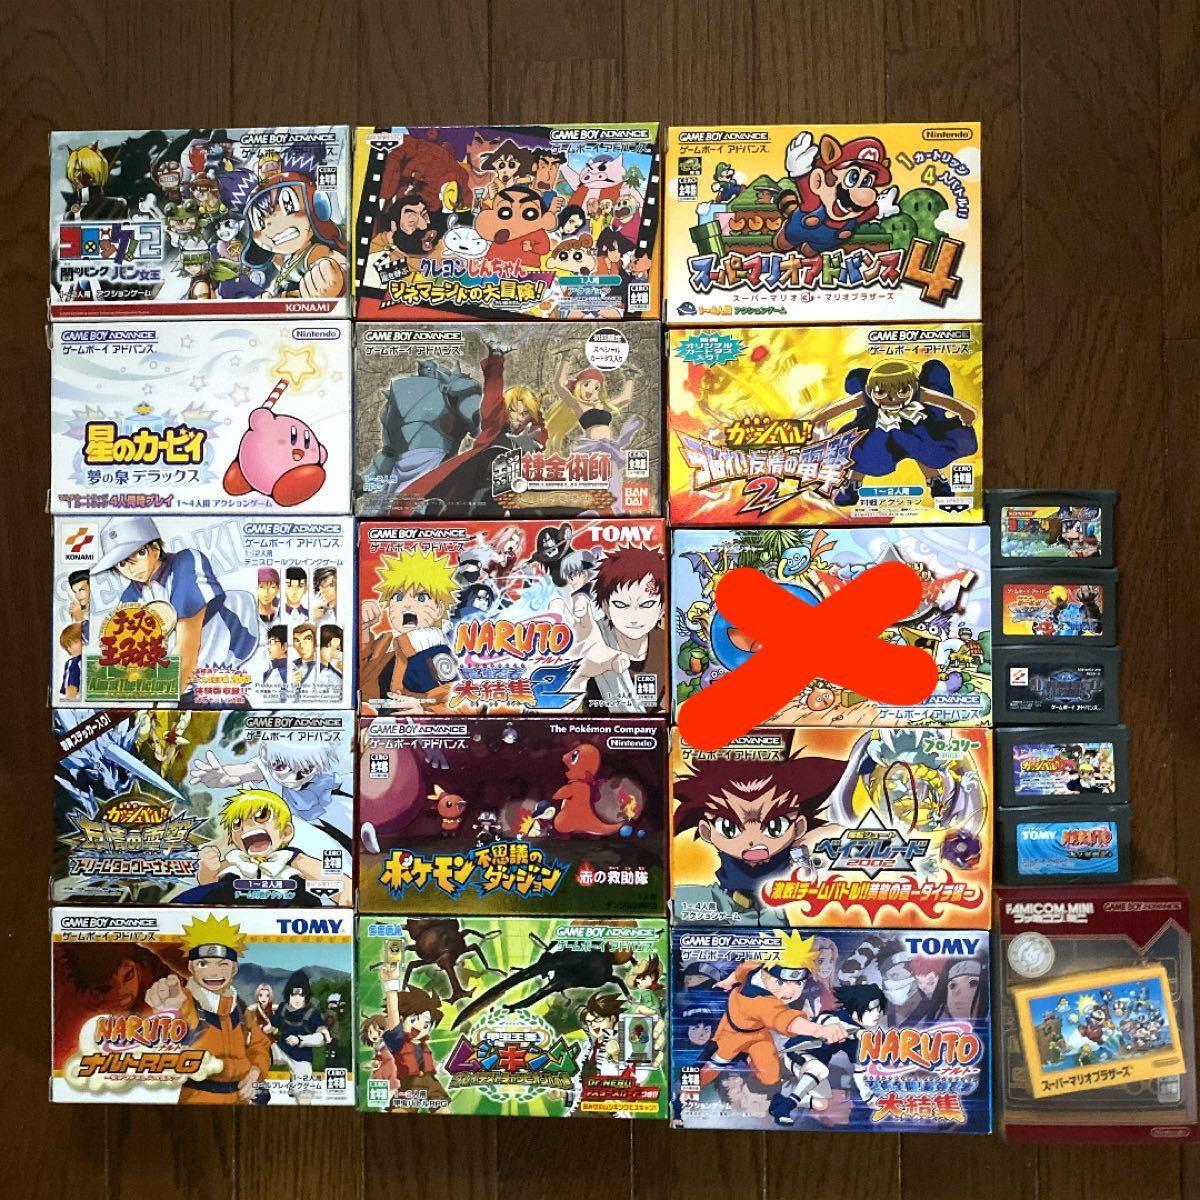 【お買い得!】ゲームボーイアドバンスソフトセット 一部ソフトのみ ゲーム レトロゲーム カセット 任天堂